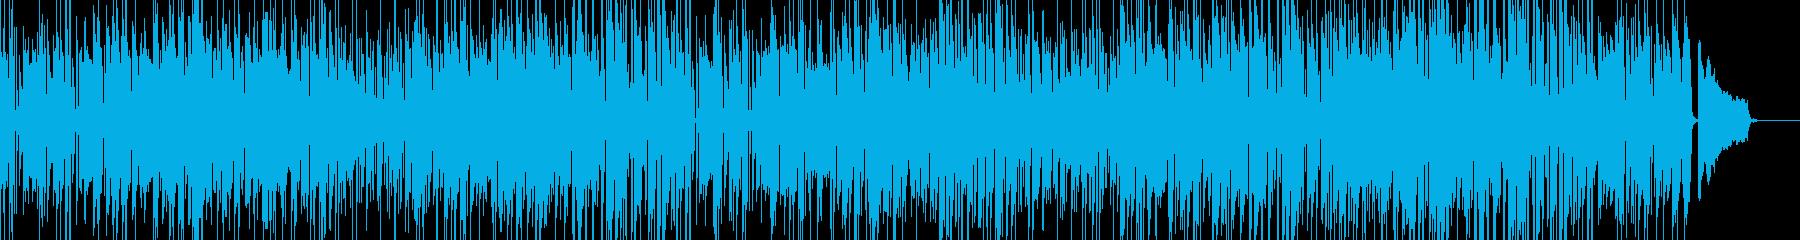 さくらさくらがメジャーでファンキーな曲にの再生済みの波形